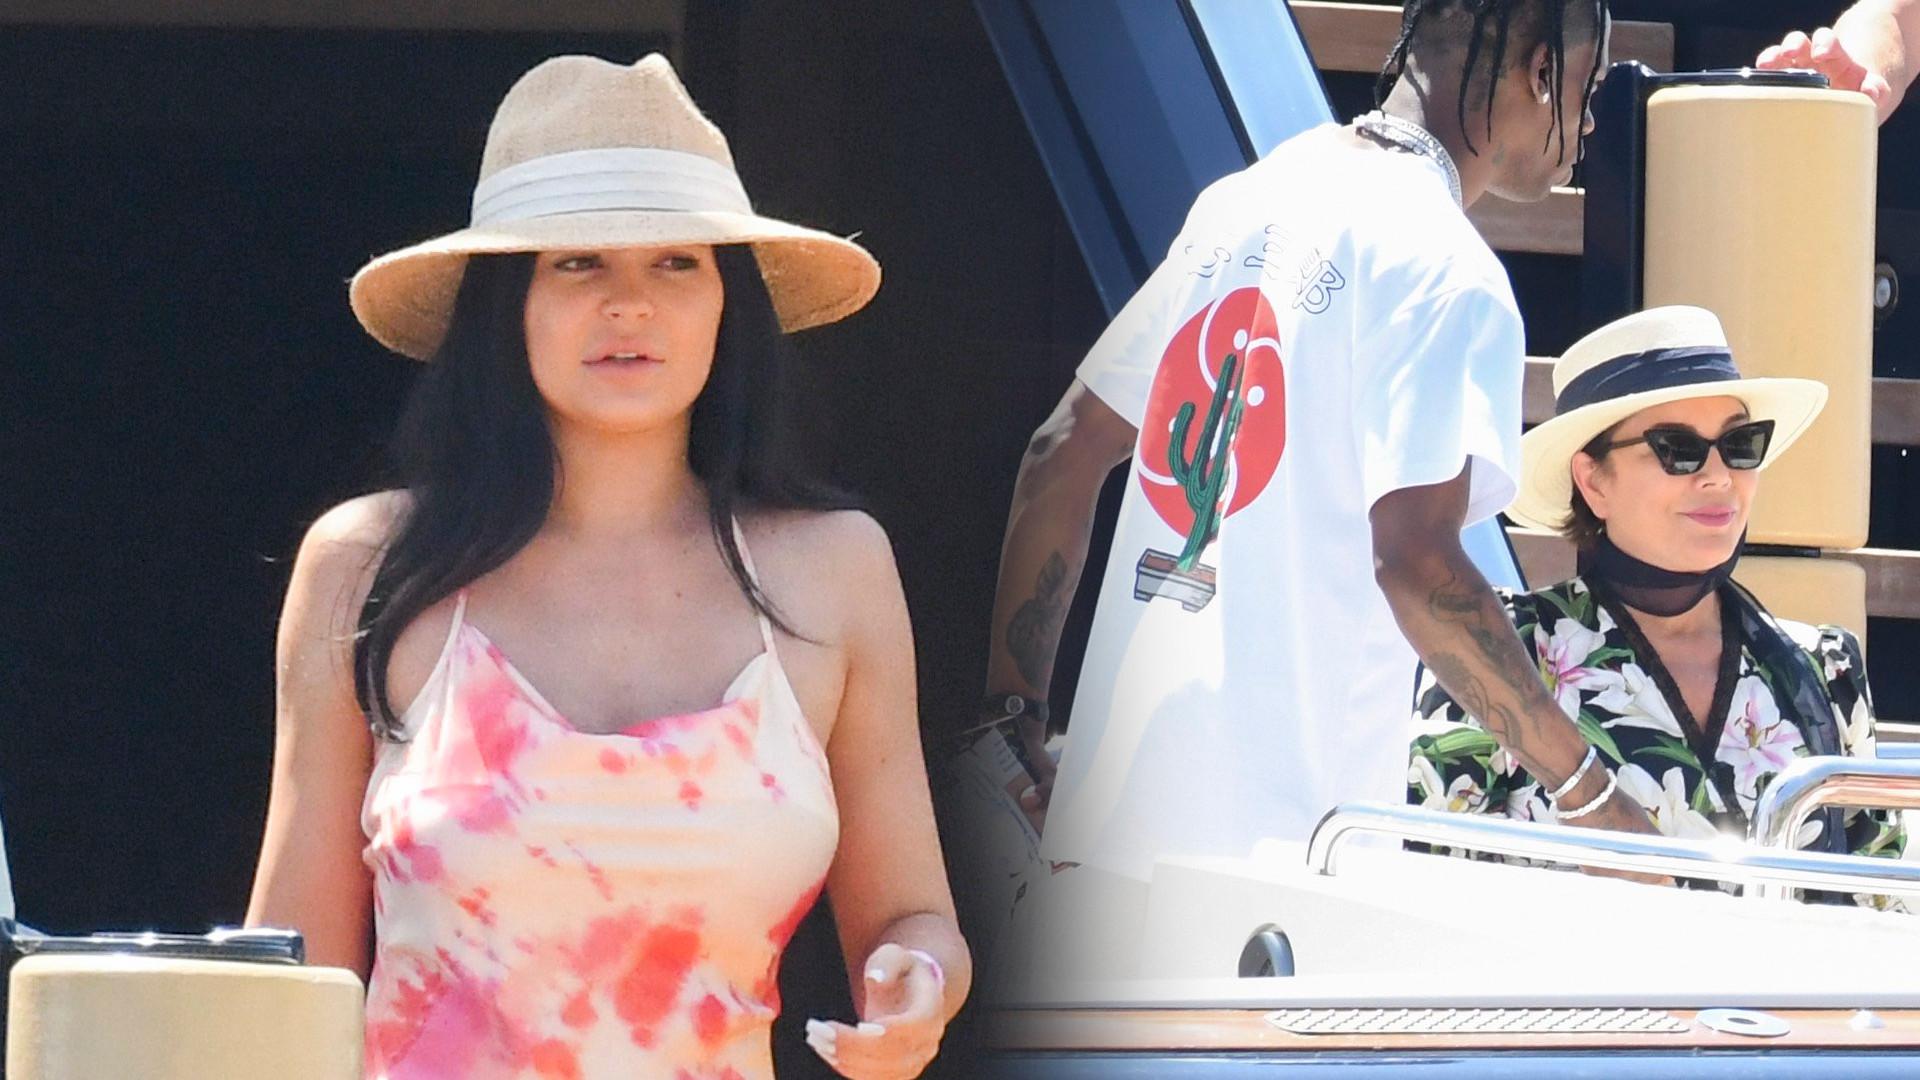 Kylie Jenner bez makijażu i w letniej, długiej sukience – rozpoczyna świętowanie swoich urodzin (ZDJĘCIA)